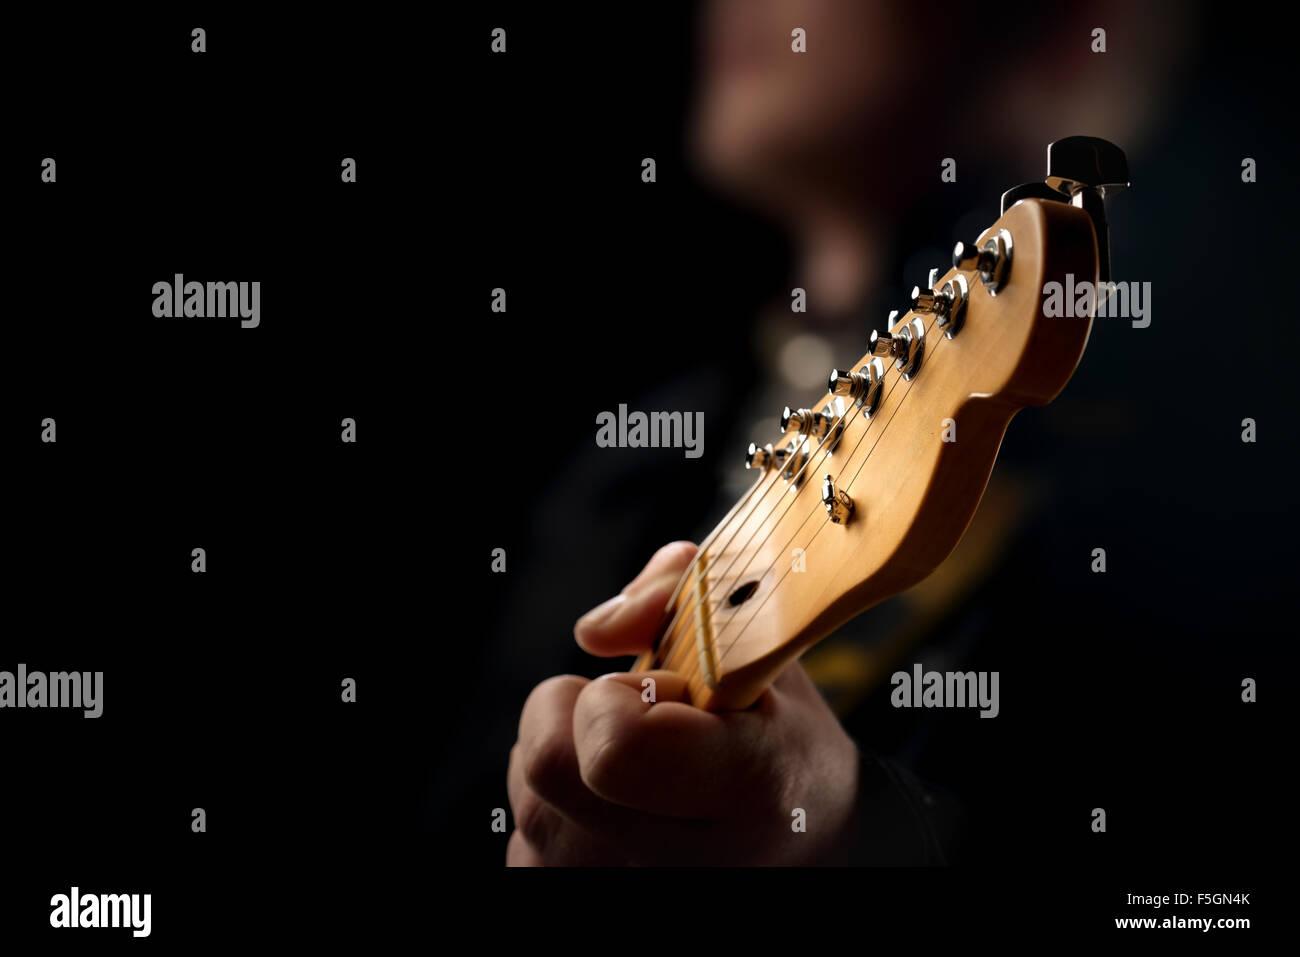 Il chitarrista sul palco - primo piano con il fuoco selettivo sulla testa di chitarra Immagini Stock